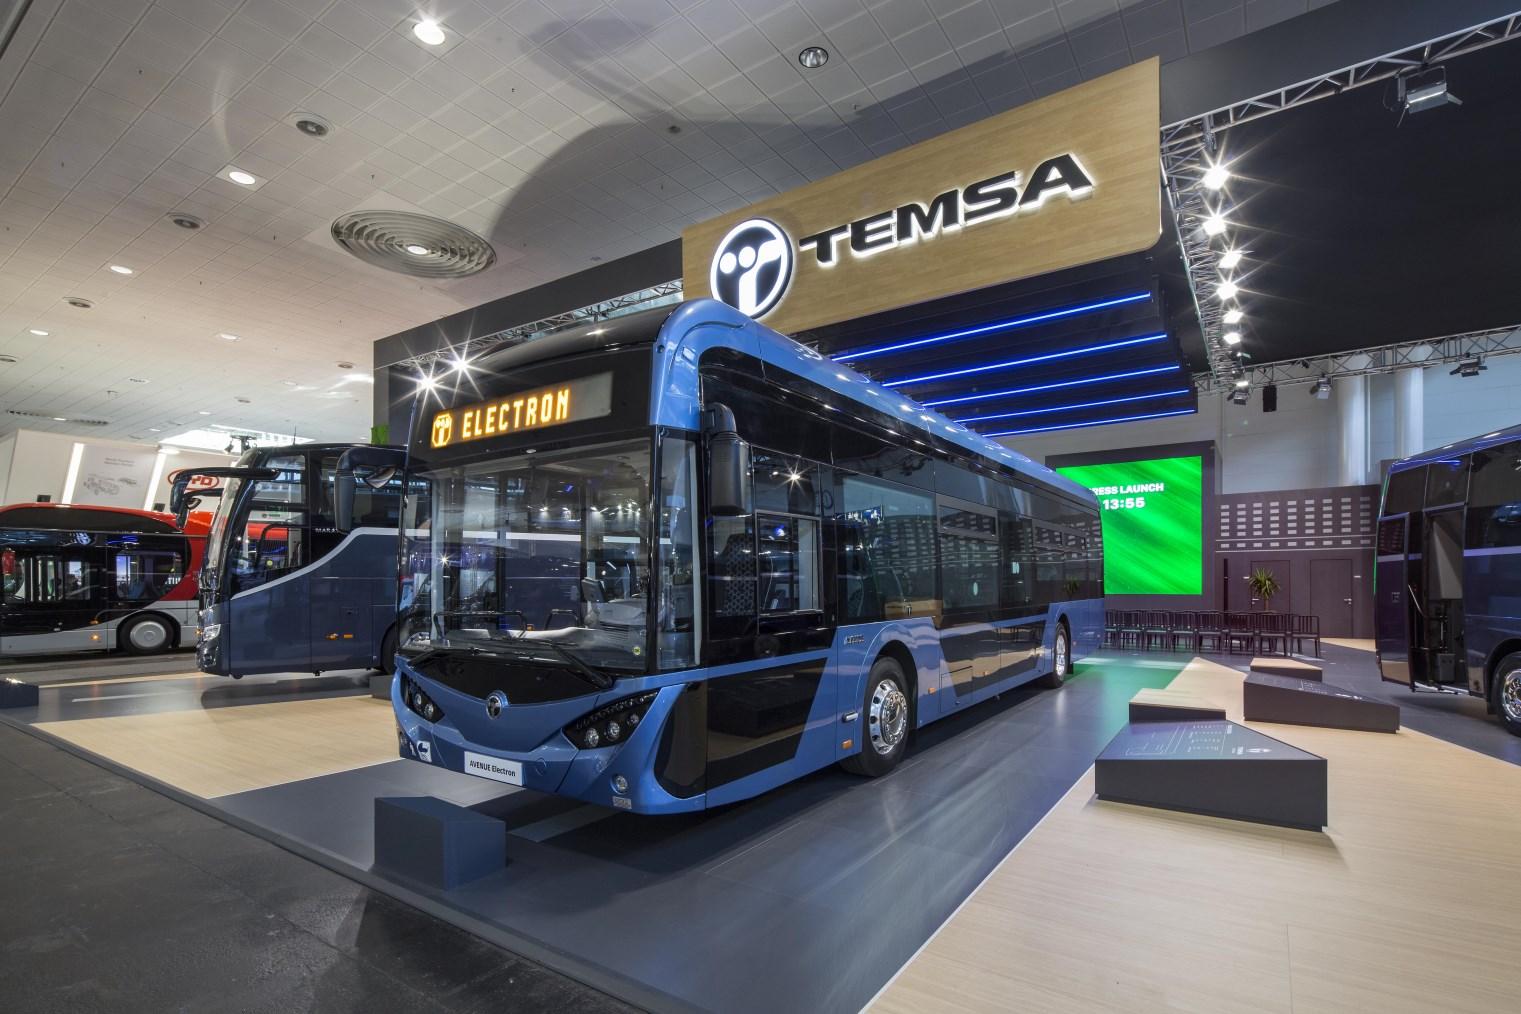 Avenue Electron Temsa autobusas Kautra